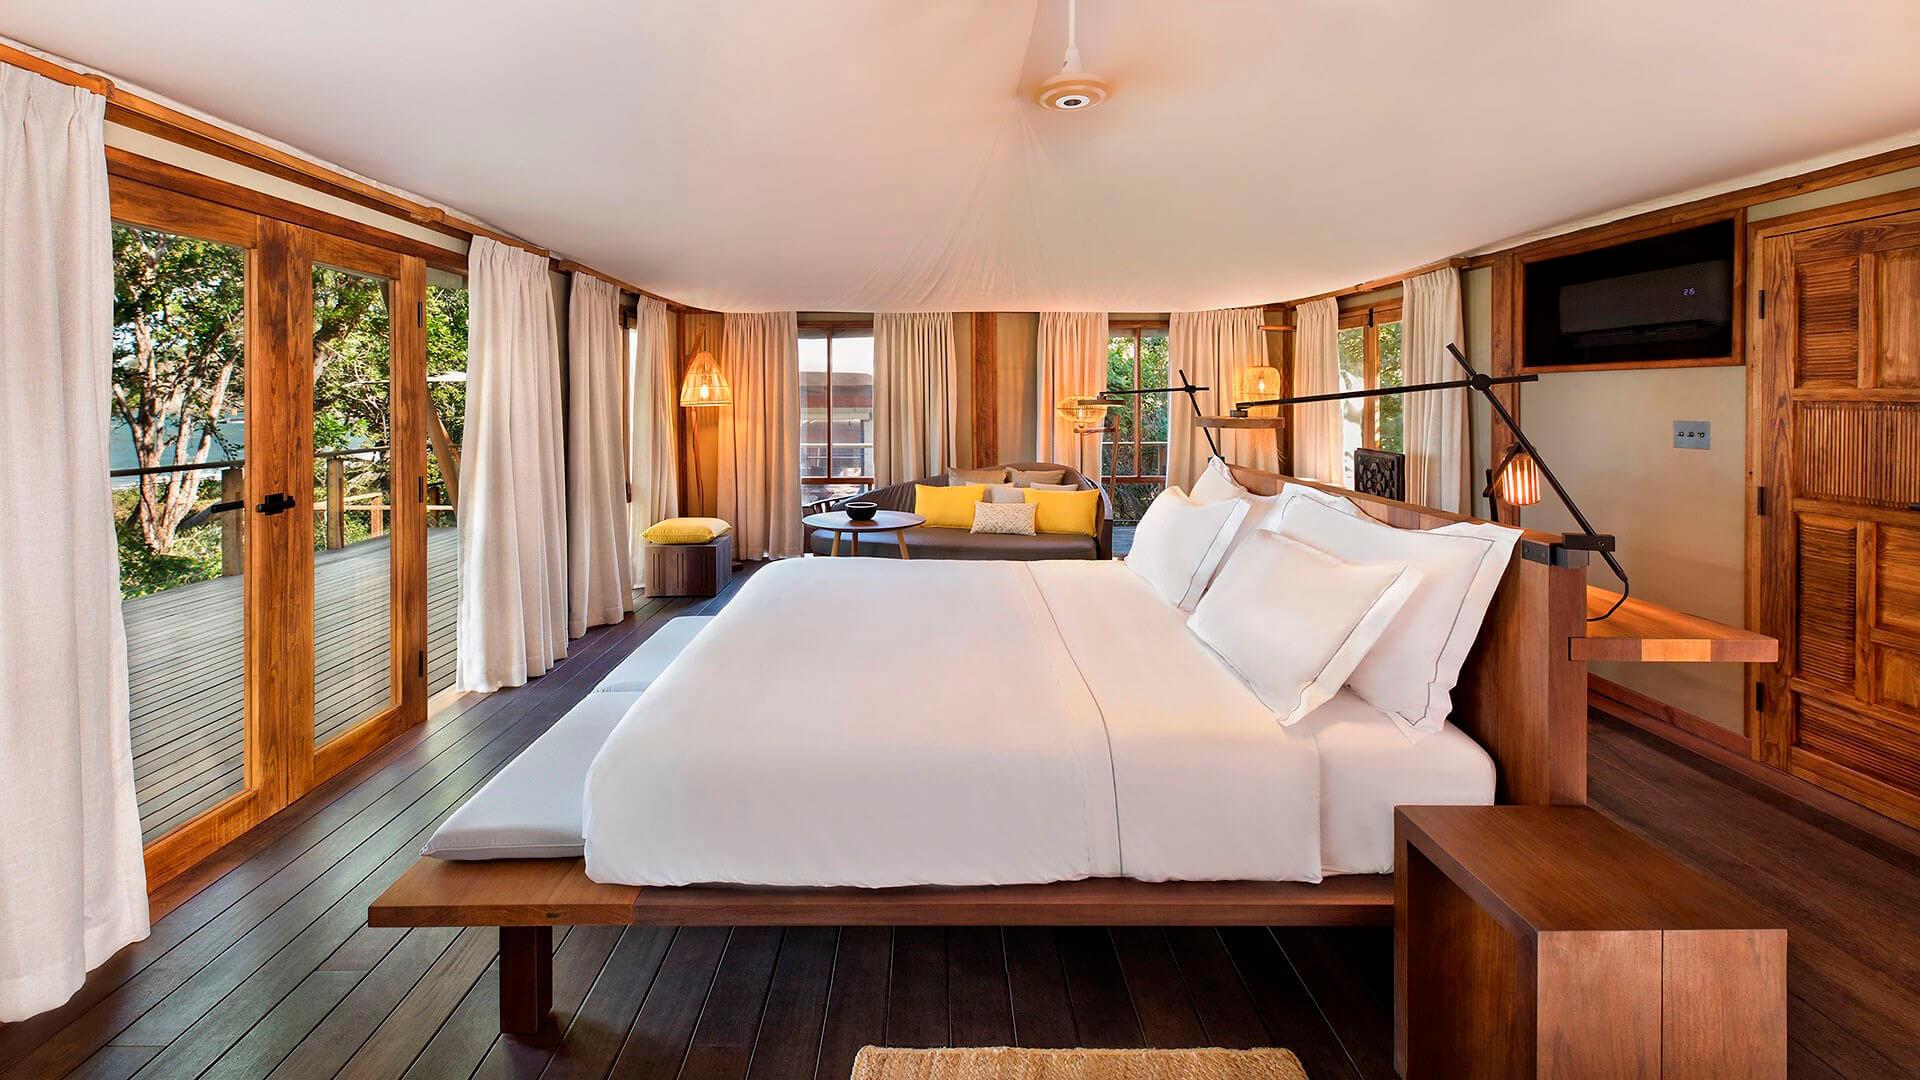 Kasiiya Hotel Schlafzimmer. Luxusreise